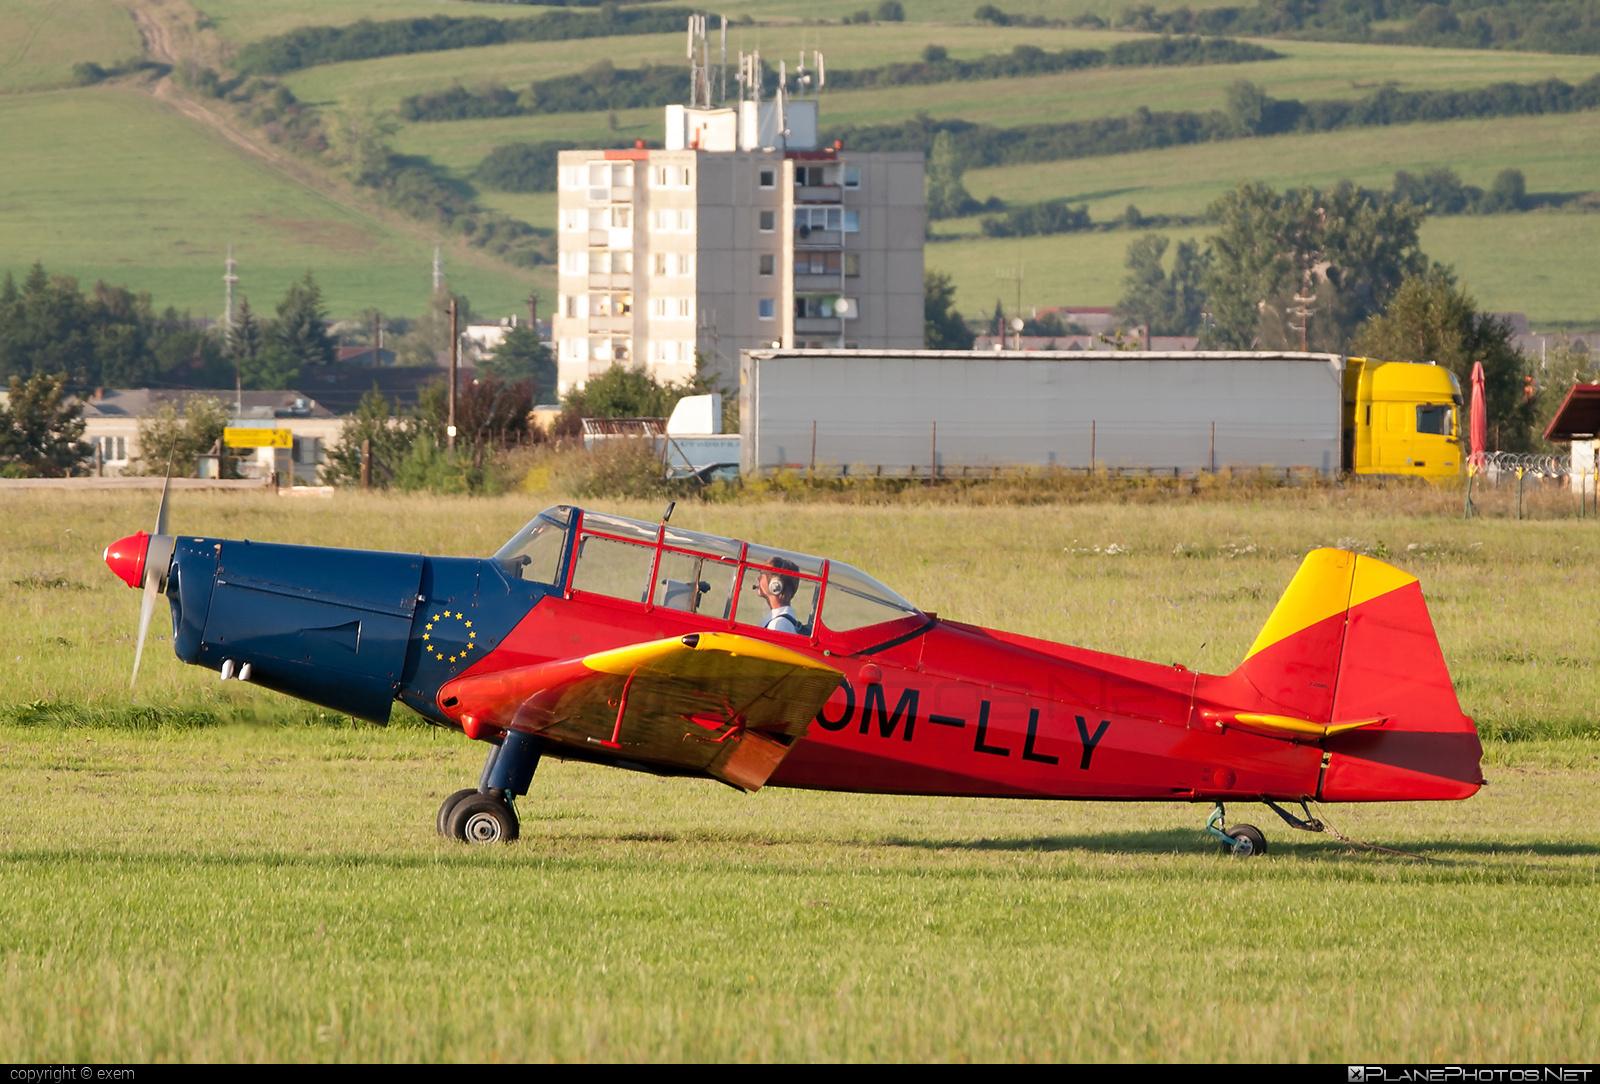 Zlin Z-226MS Trenér - OM-LLY operated by Aeroklub Spišská Nová Ves #z226 #z226trener #zlin #zlin226 #zlintrener